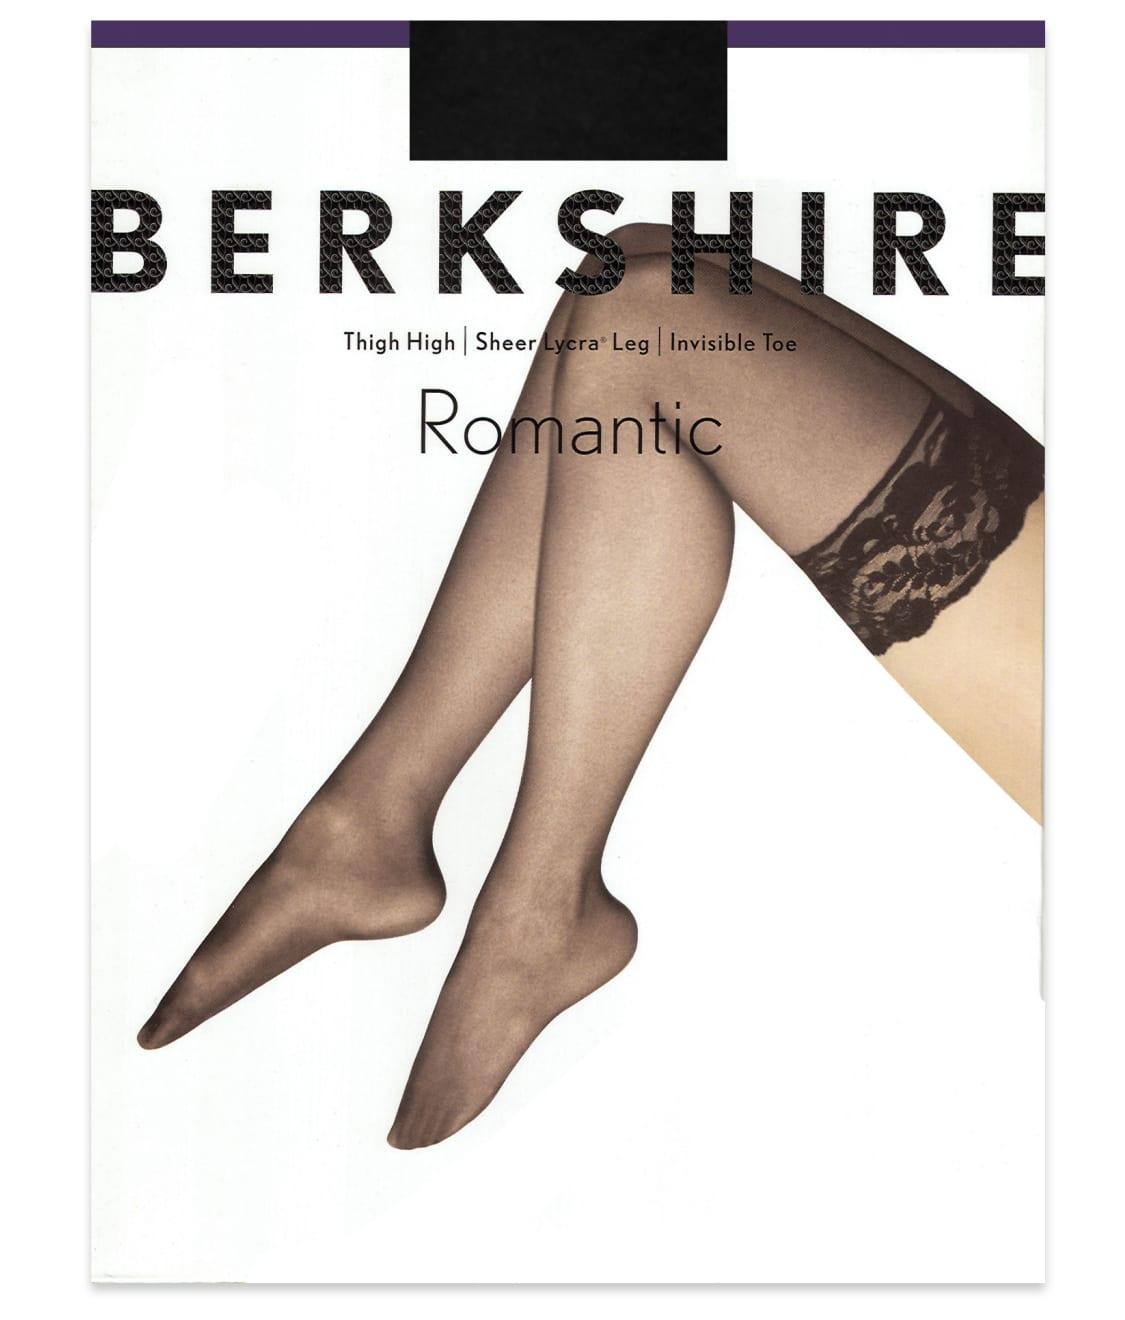 80a0d3801 Berkshire Romantic Thigh Highs